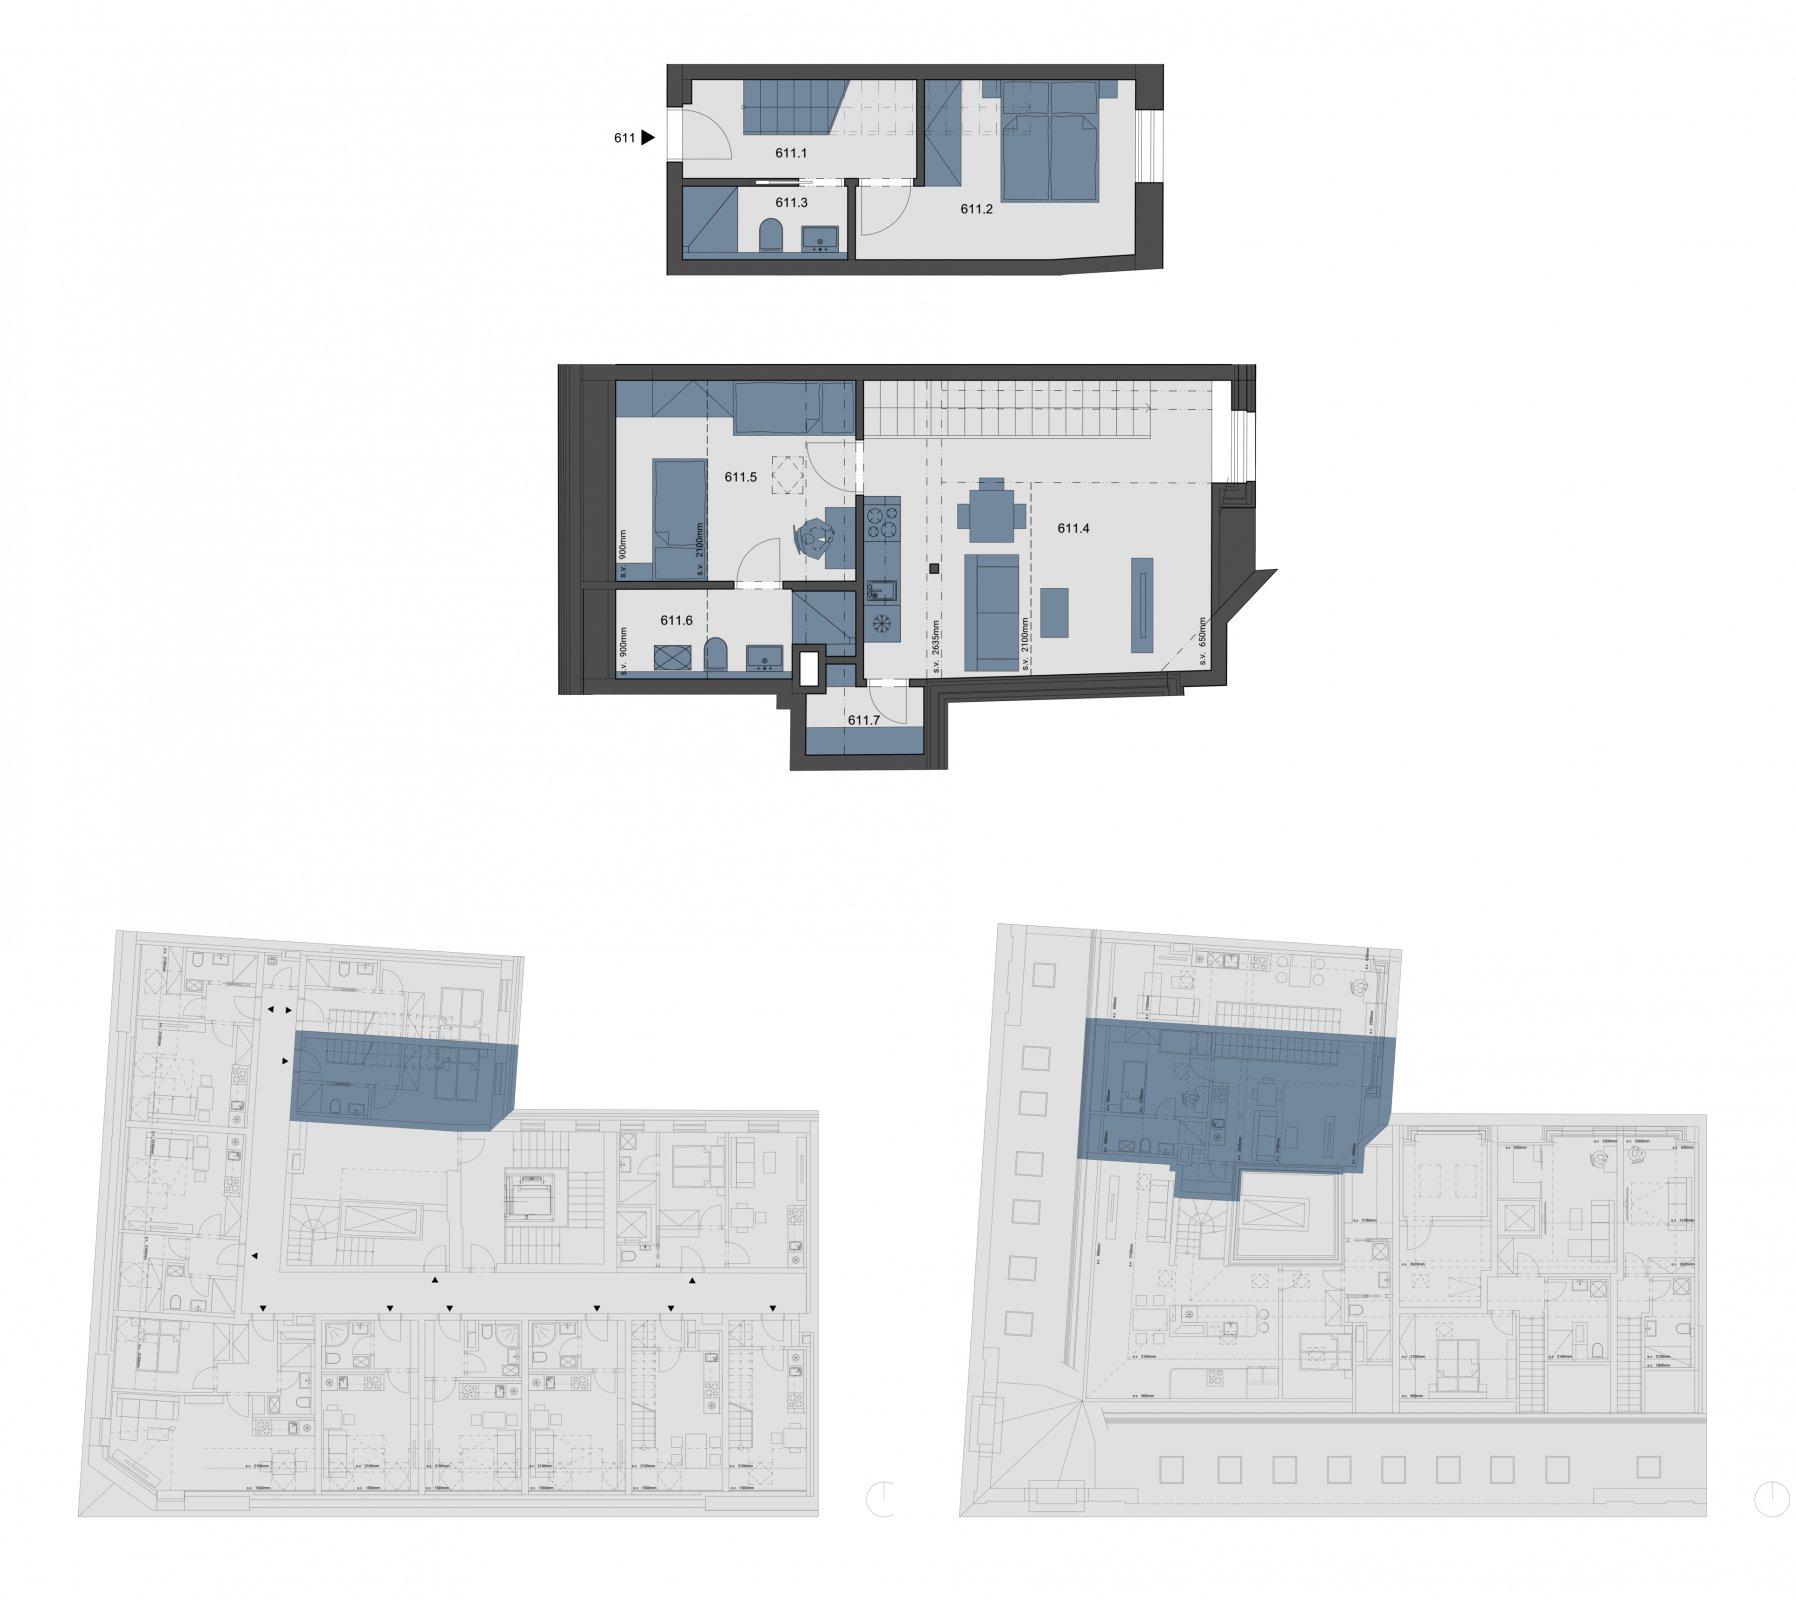 Půdorys - Půdní byt 3+kk, plocha 65 m², ulice Tyršova, Praha 2 - Nové Město